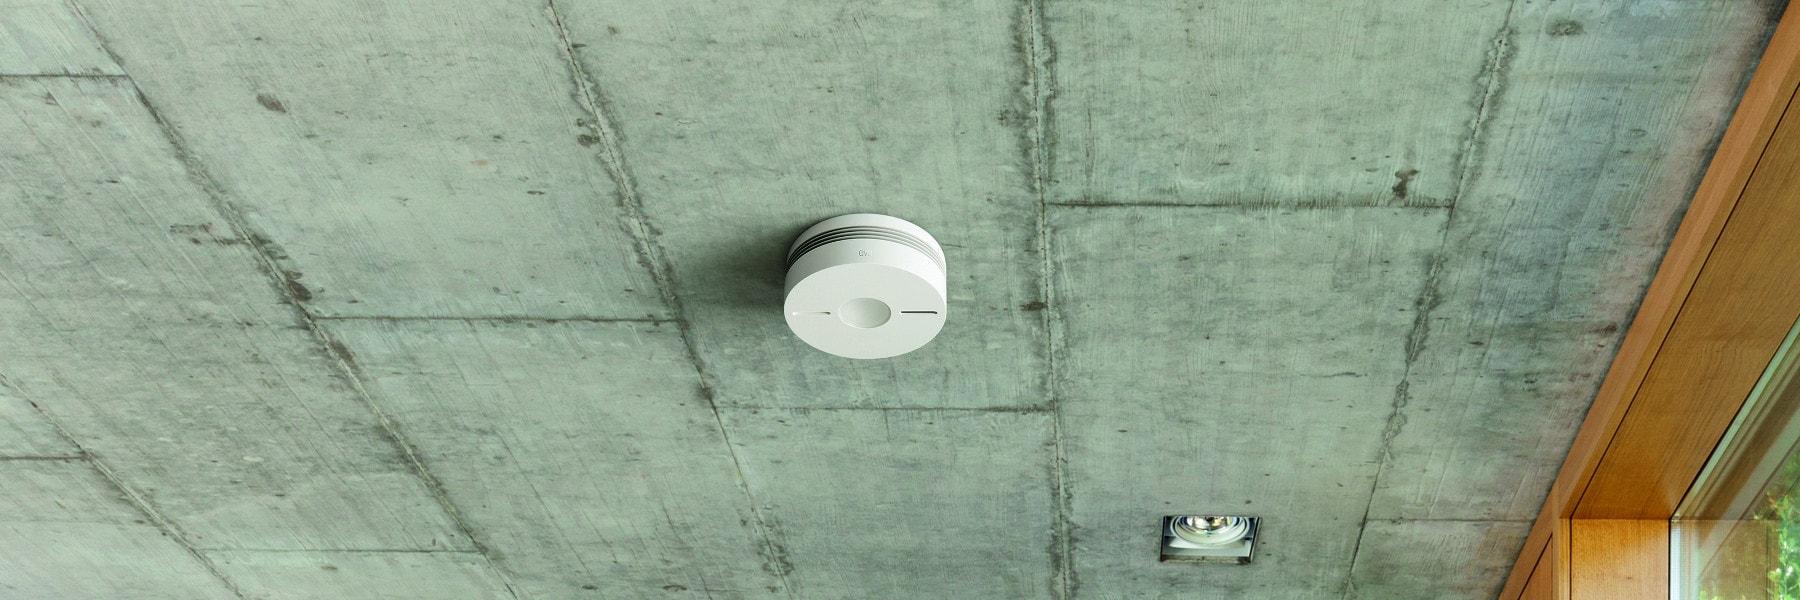 Elgato Eve Smoke: HomeKit Rauchmelder kann vorbestellt werden